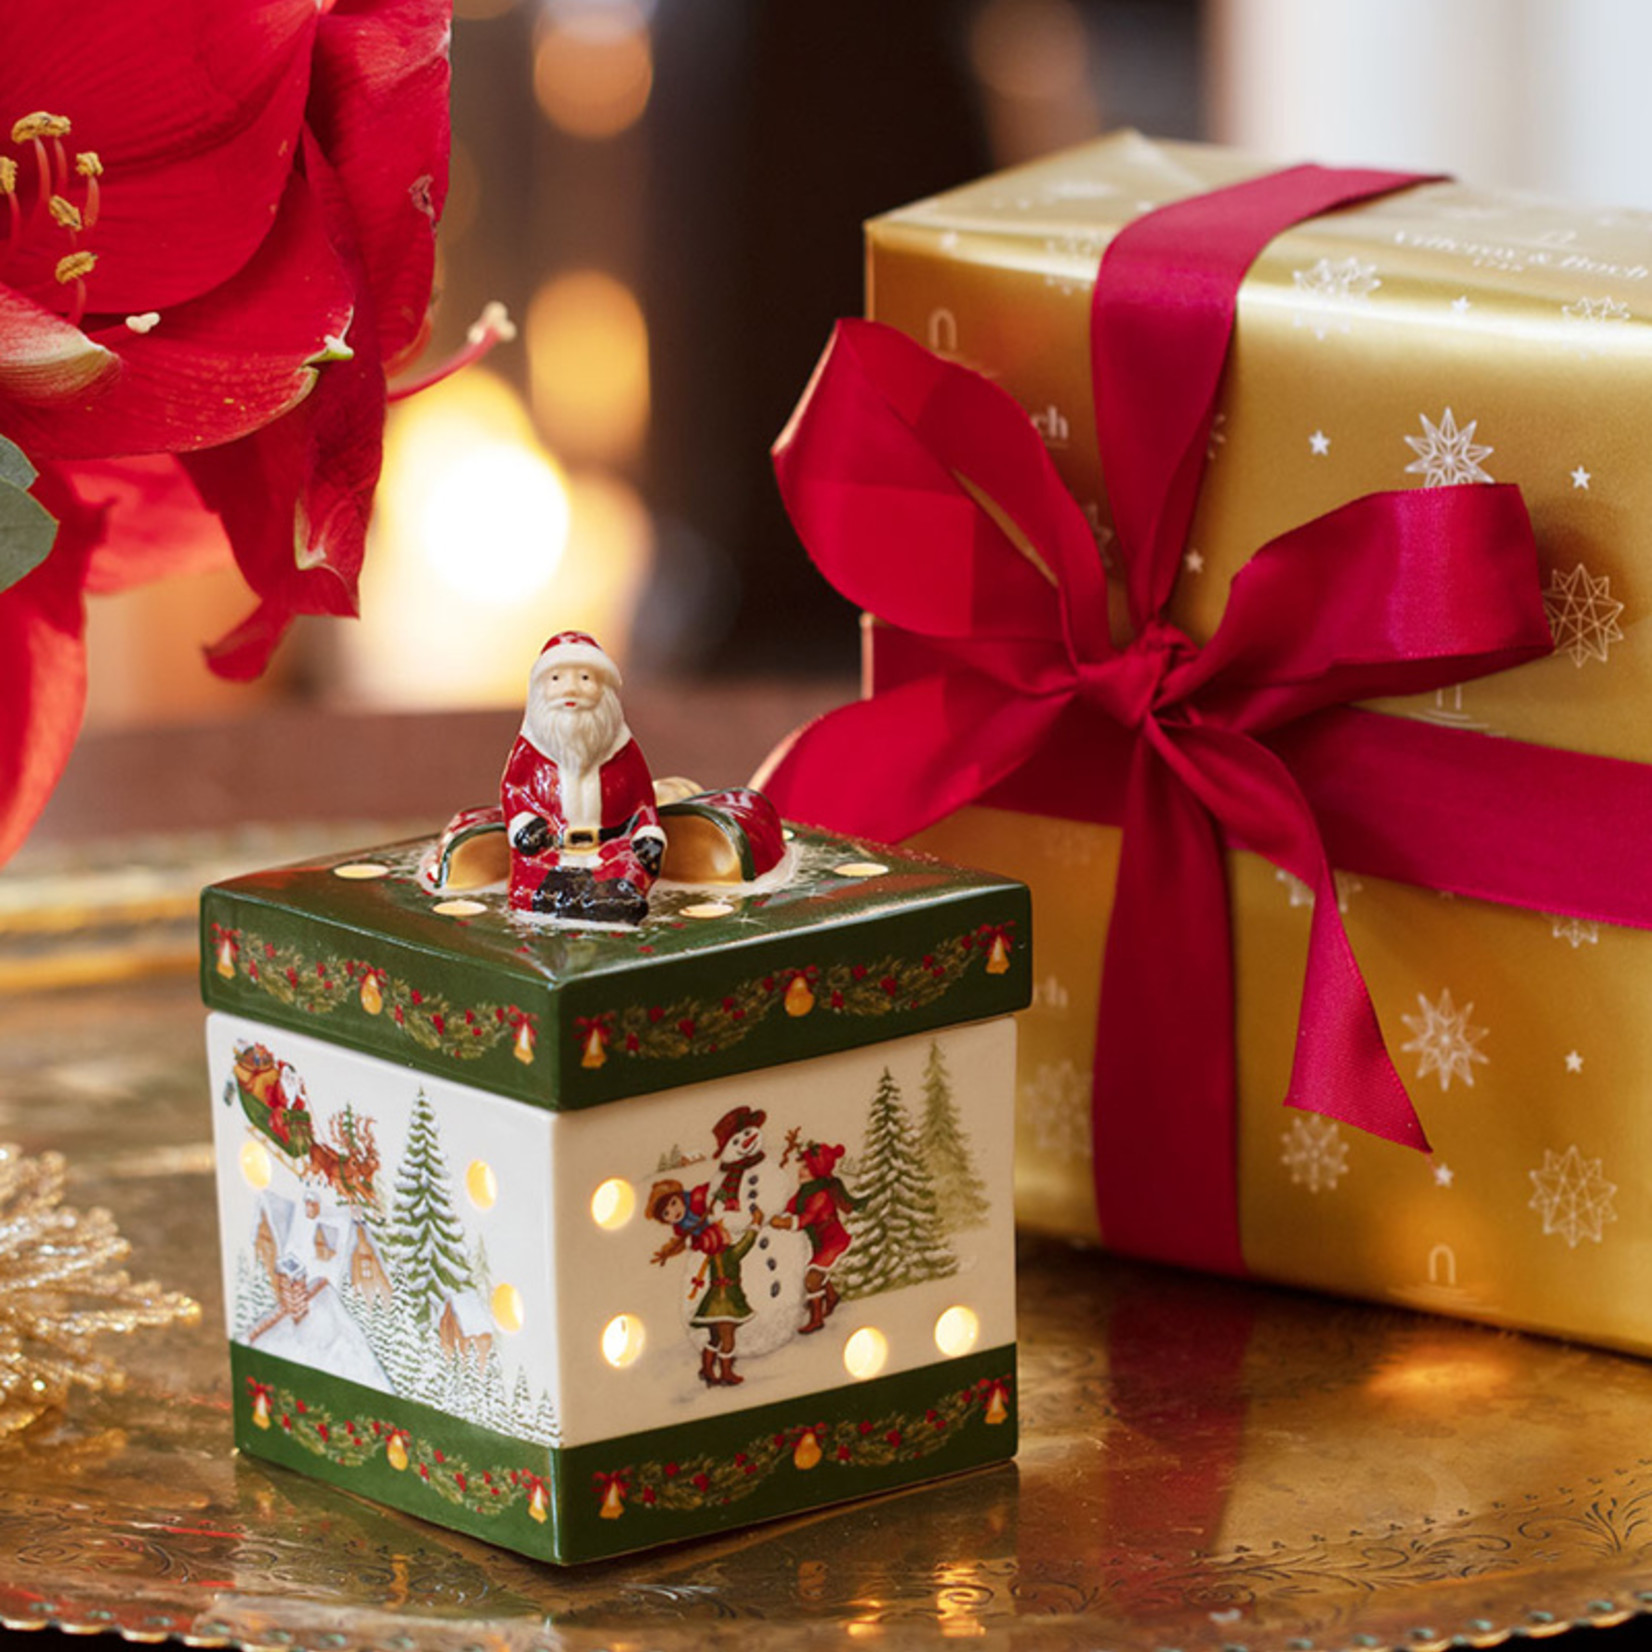 Villeroy & Boch  Windlicht, eckig   Villeroy & Boch   Geschenkpaket   Christmas Toys